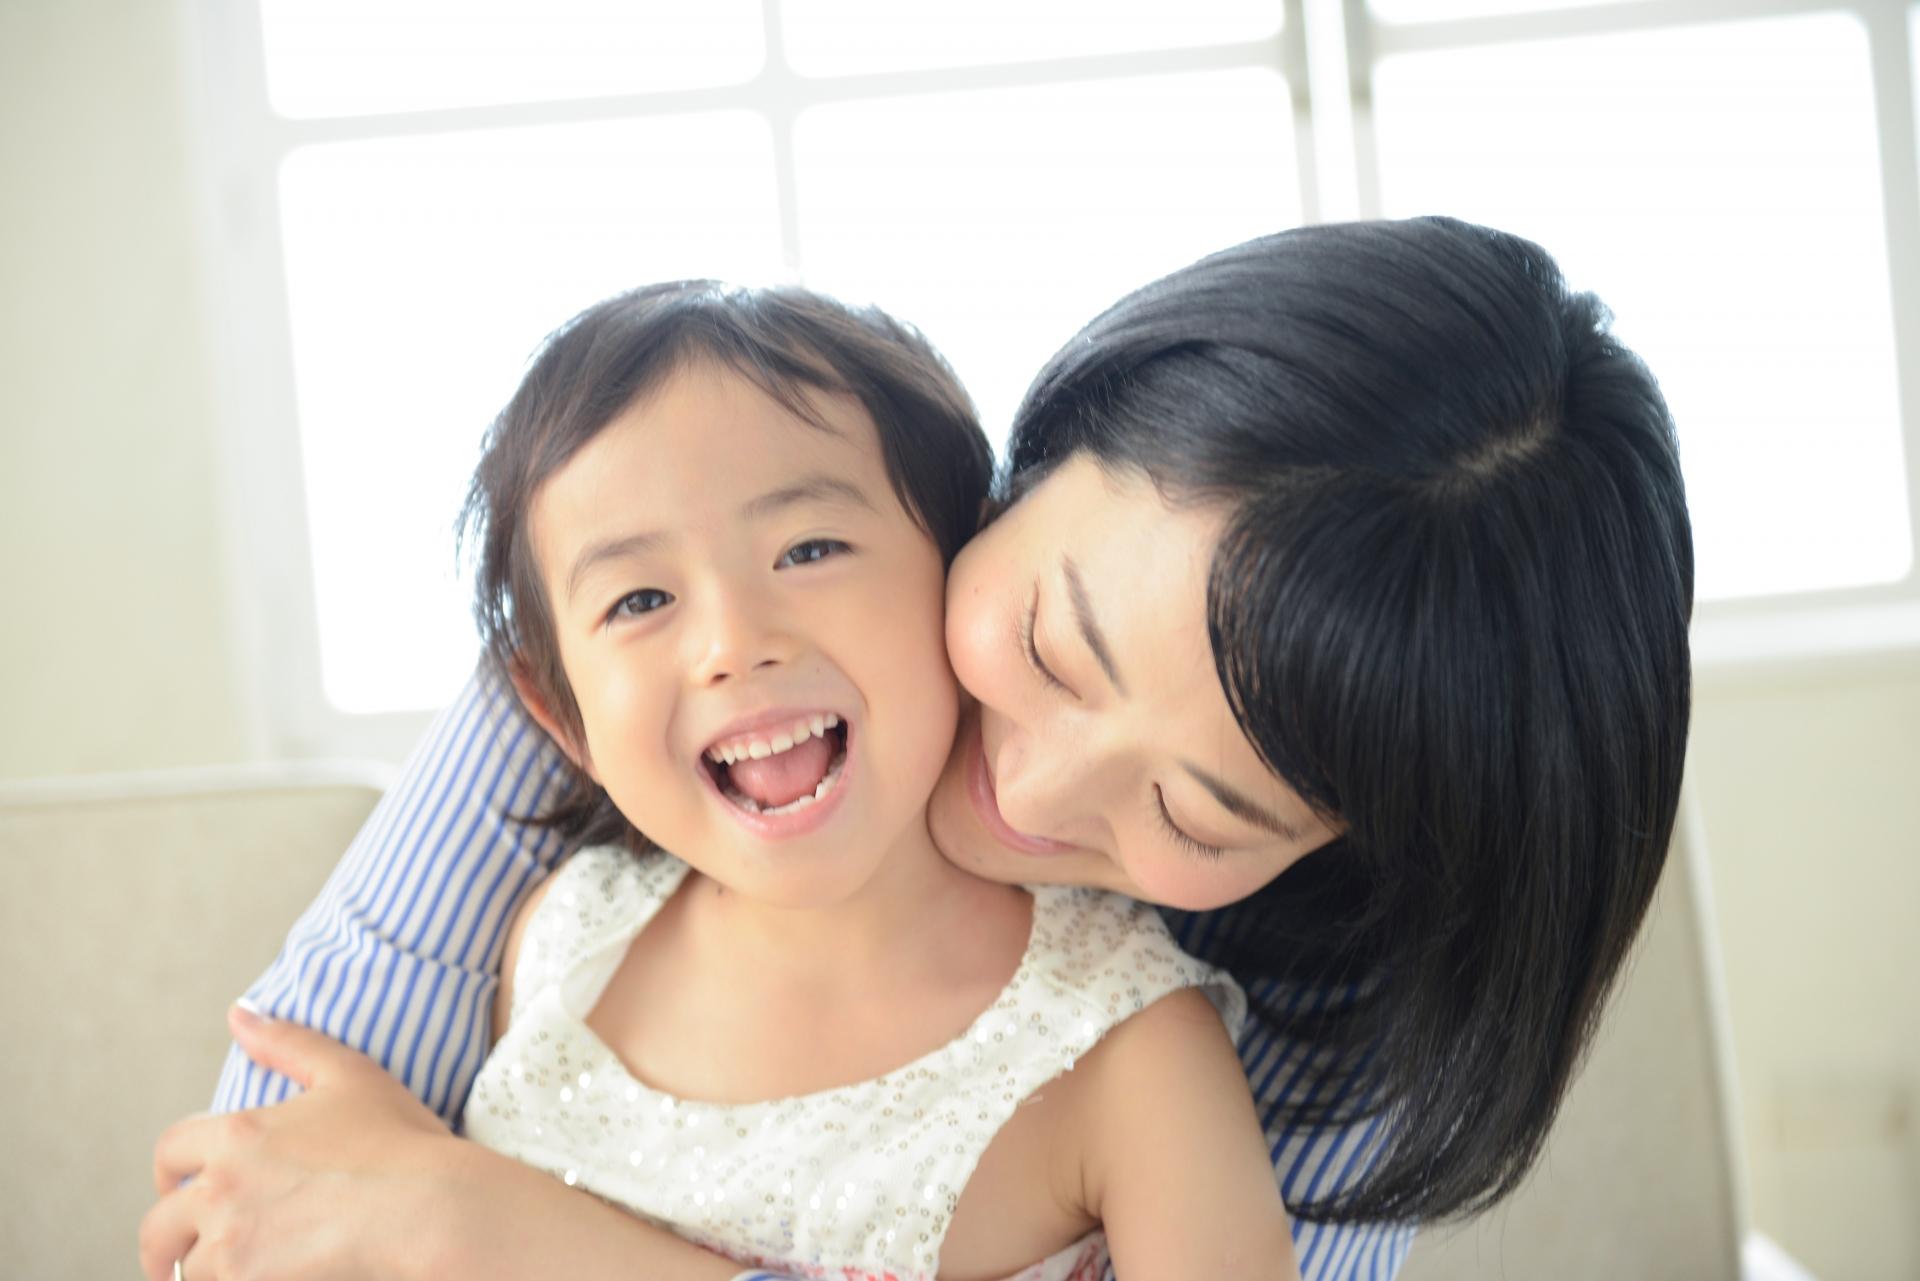 共働きが子供与える影響とは?子供のメンタルケアはどうするべき?